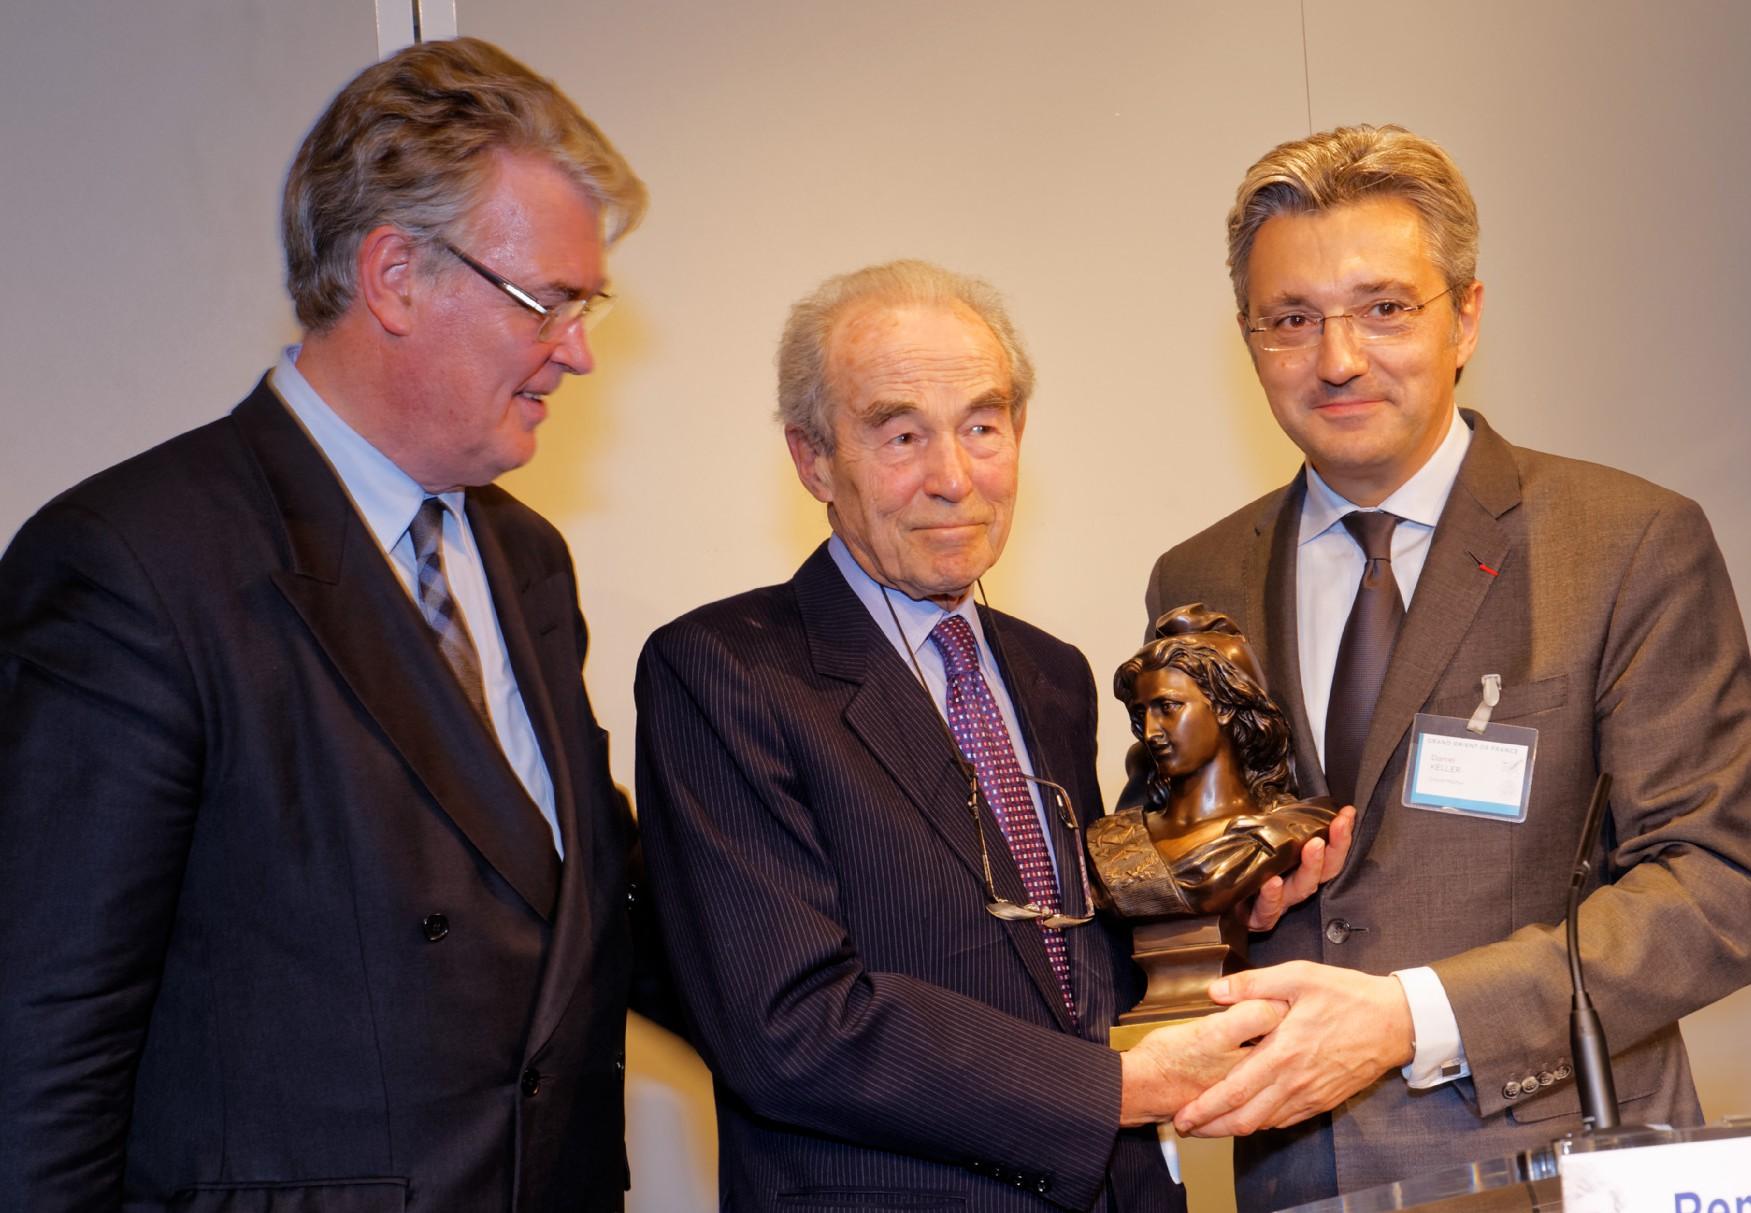 Jean-Paul Delevoye, Robert Badinter et Daniel Keller (Photo Ronan Loaec, GODF)